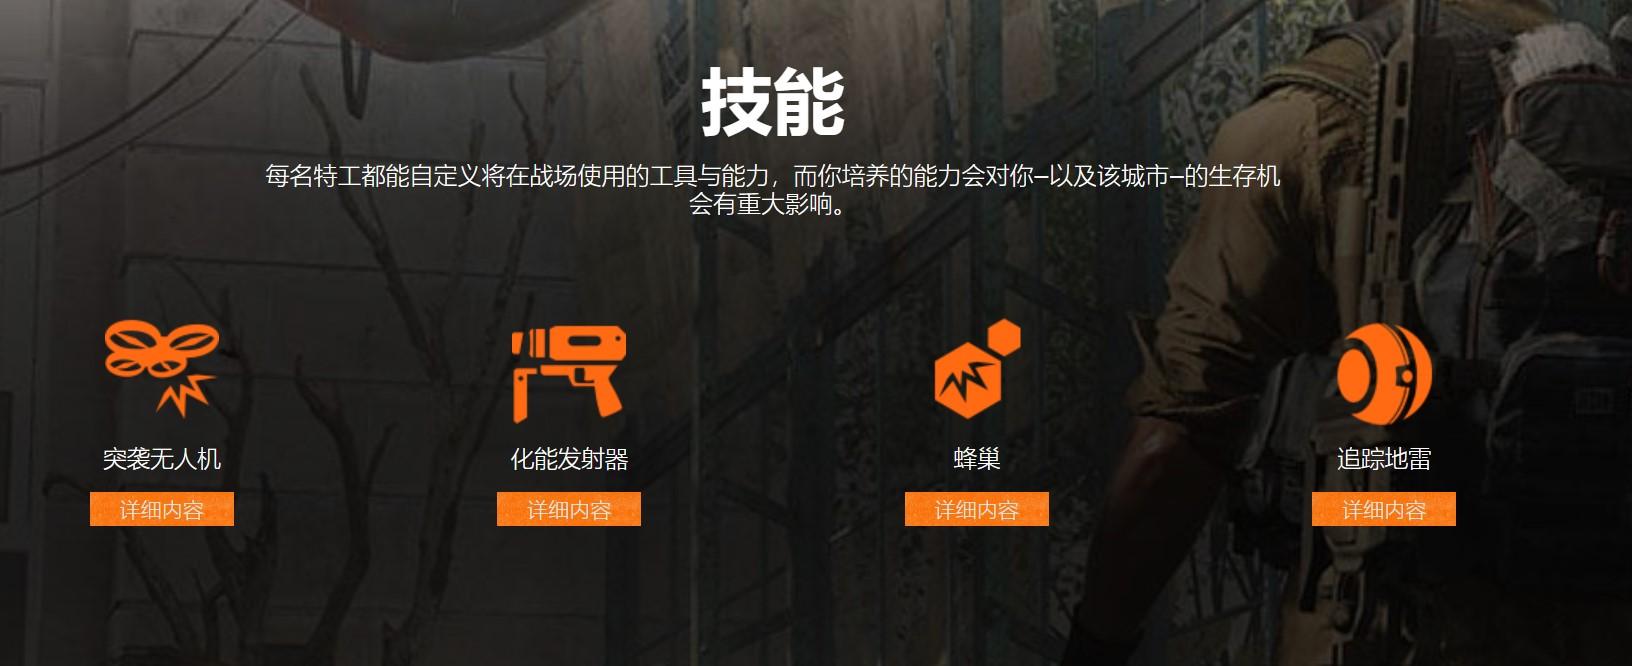 《全境封锁2》 20分钟演示 展示游戏的合作玩法